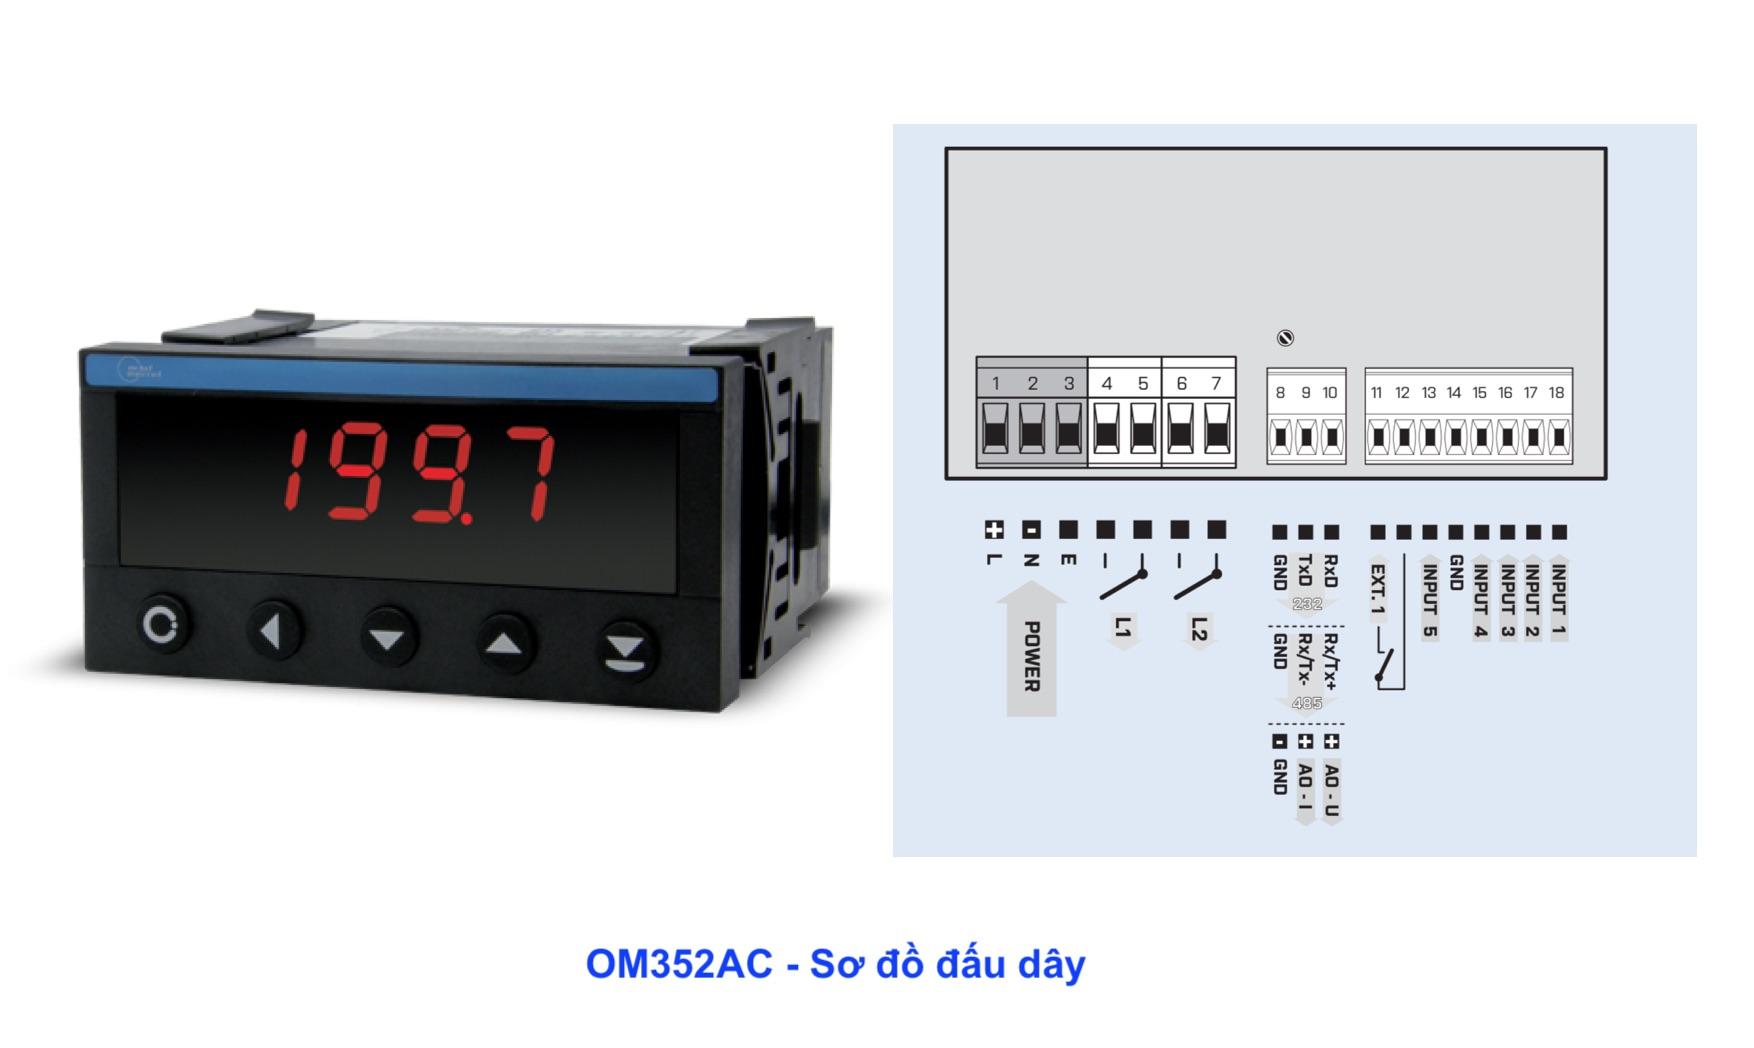 Bộ hiển thị dòng điện, điện áp OM352AC